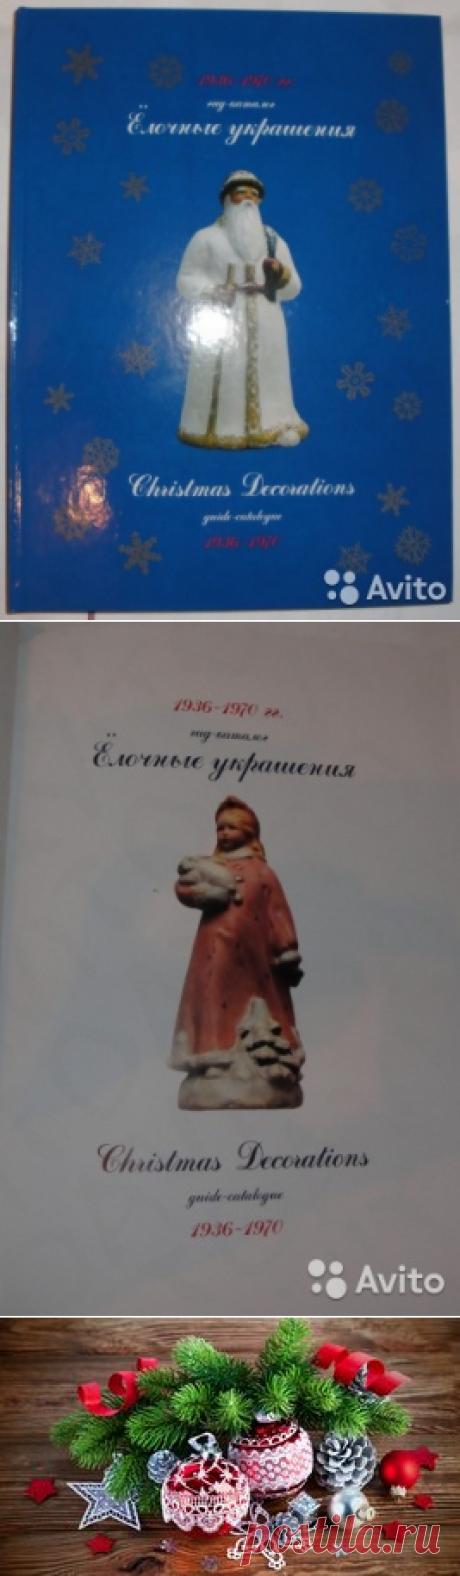 Книга Елочные украшения 1936 - 1970. Гид-Каталог купить в Москве на Avito — Объявления на сайте Avito